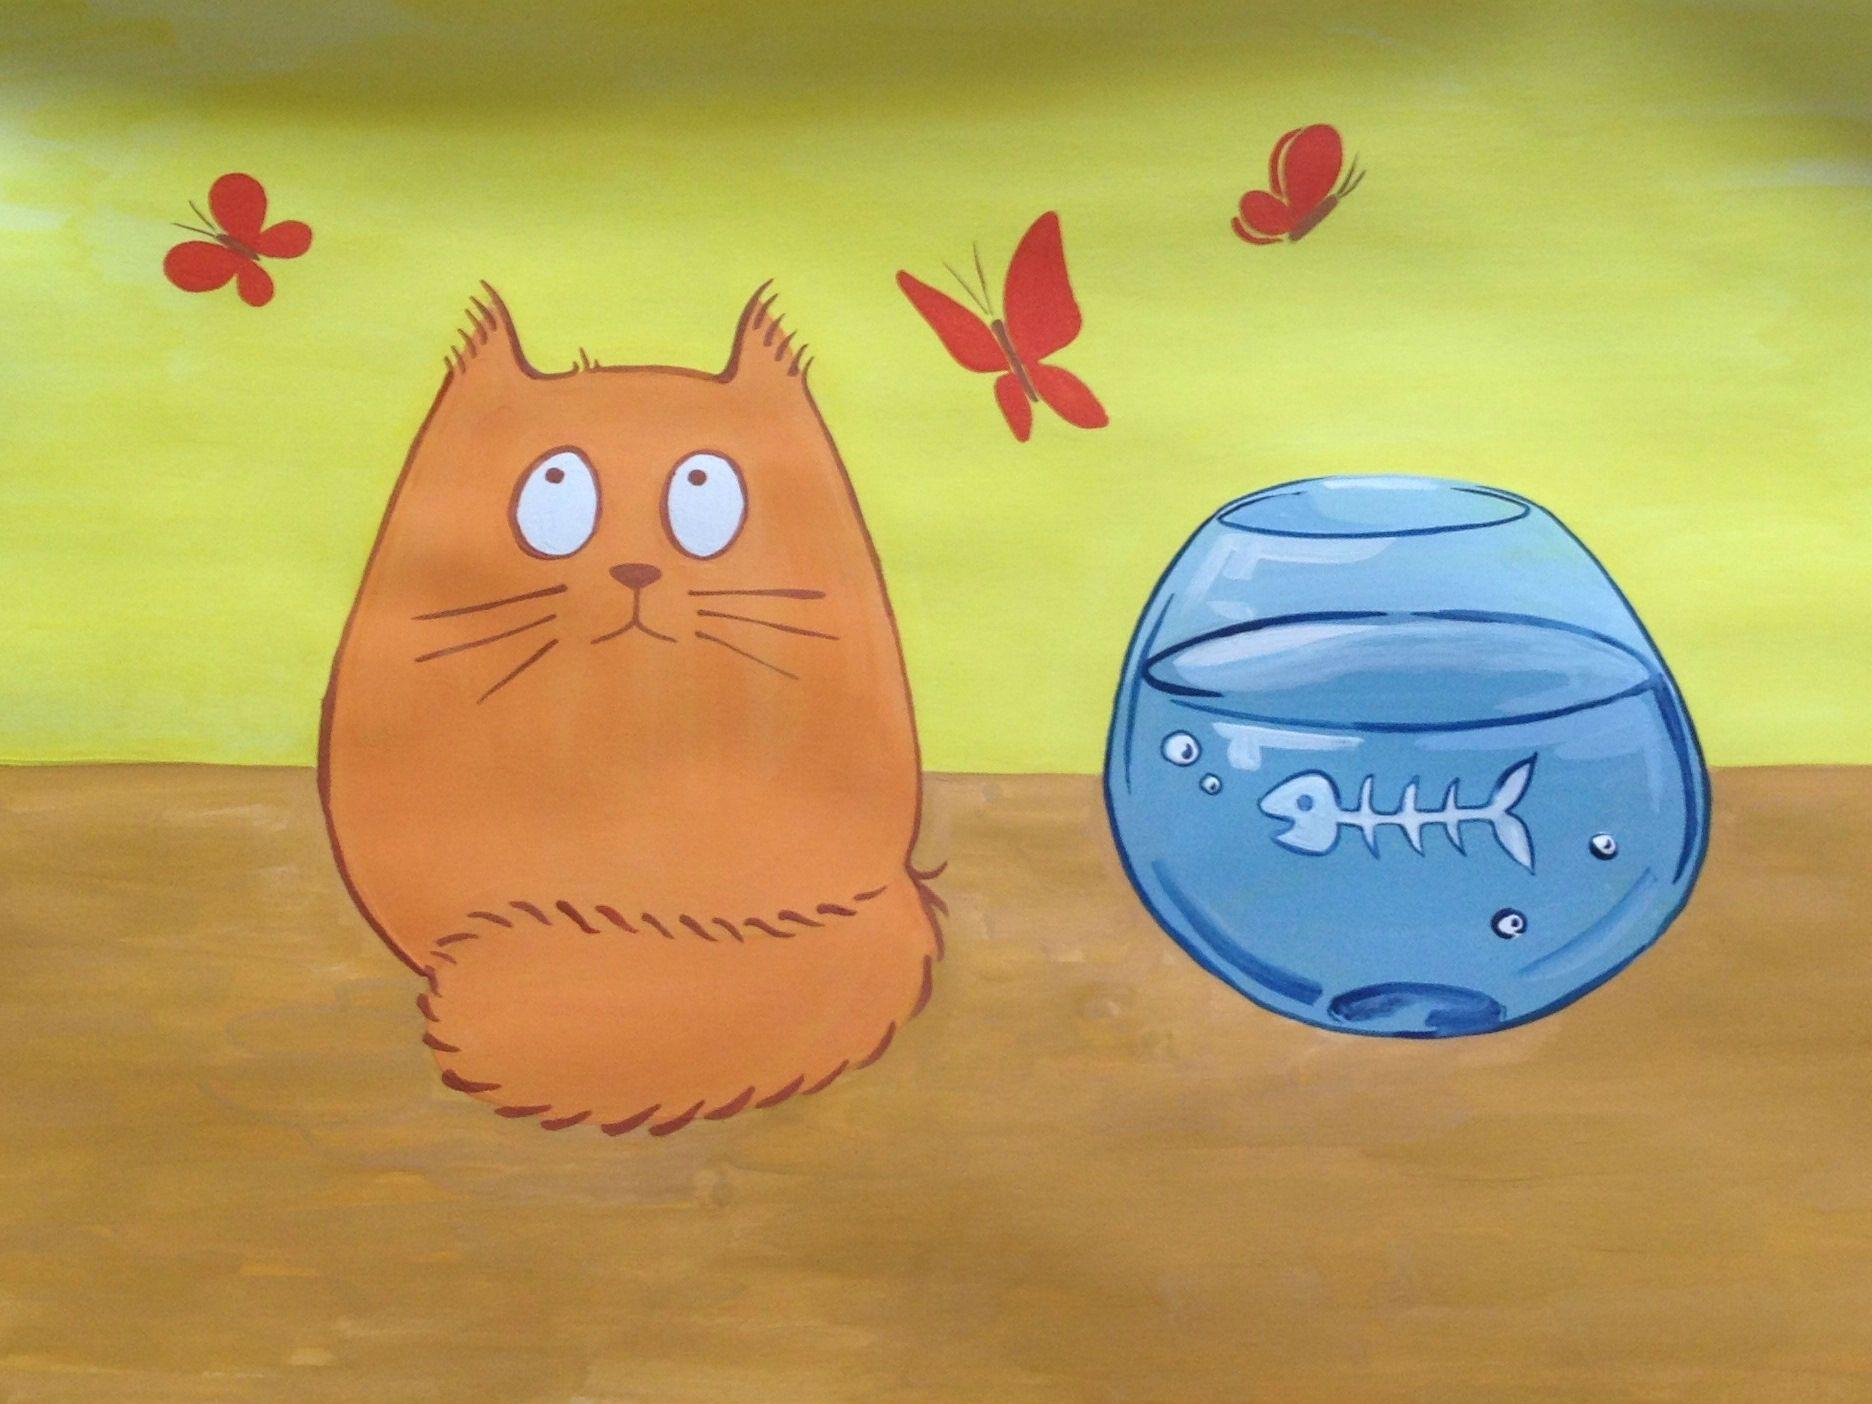 Рисуем котика. Творческий мастер-класс по рисованию для детей